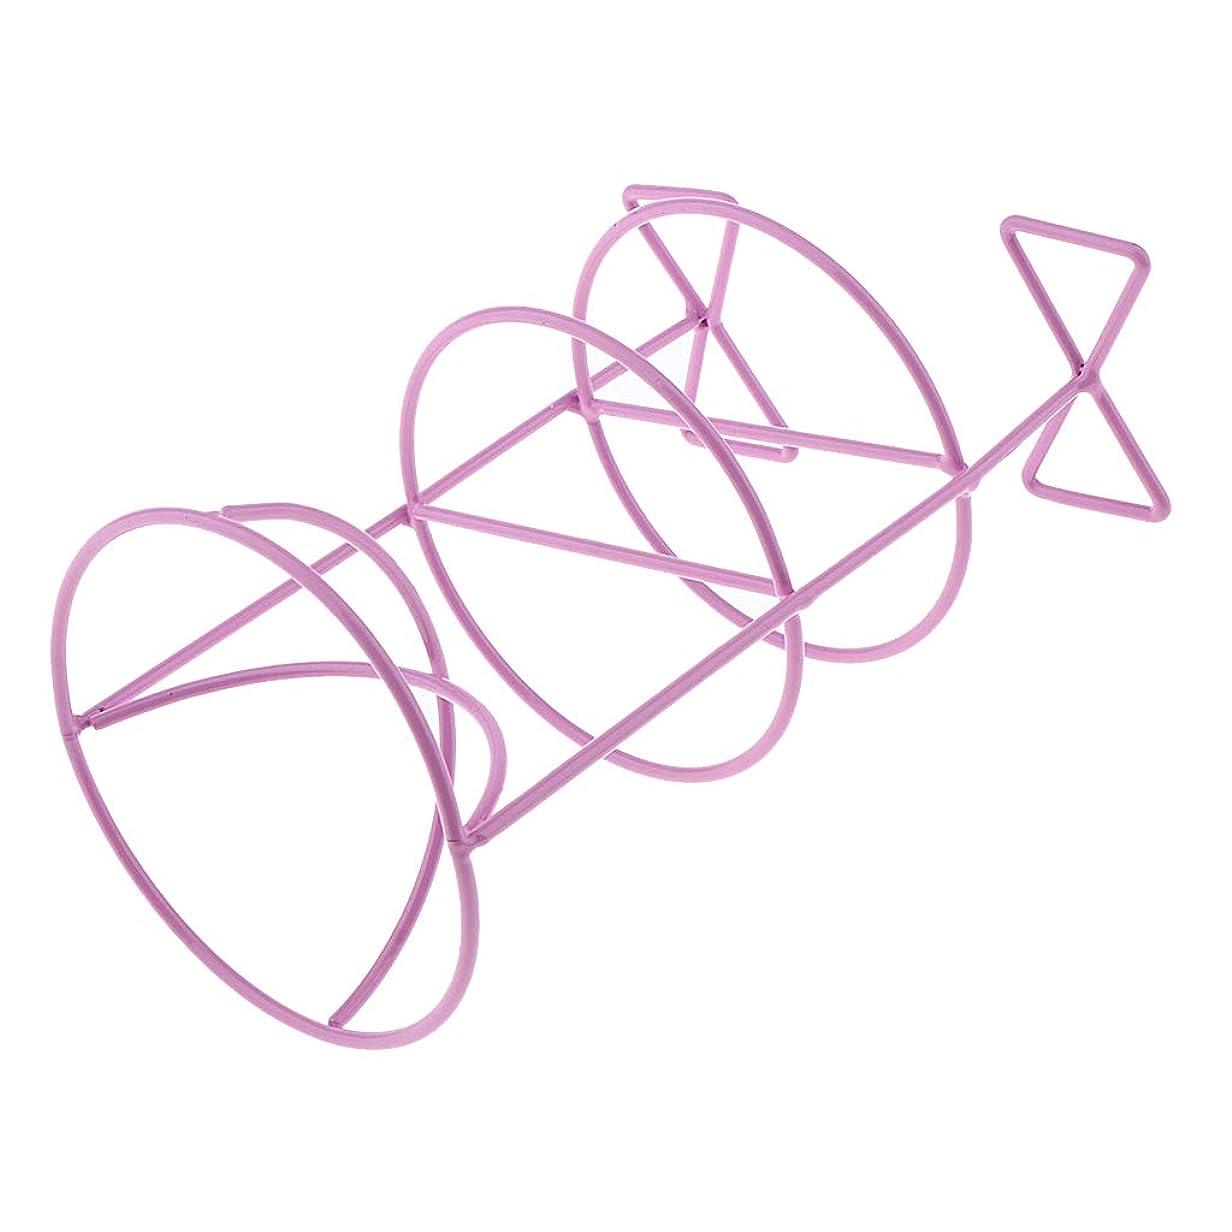 無一文嫌悪注文F Fityle パフホルダー 化粧パフ置き パフ乾燥 3色選べ - 紫